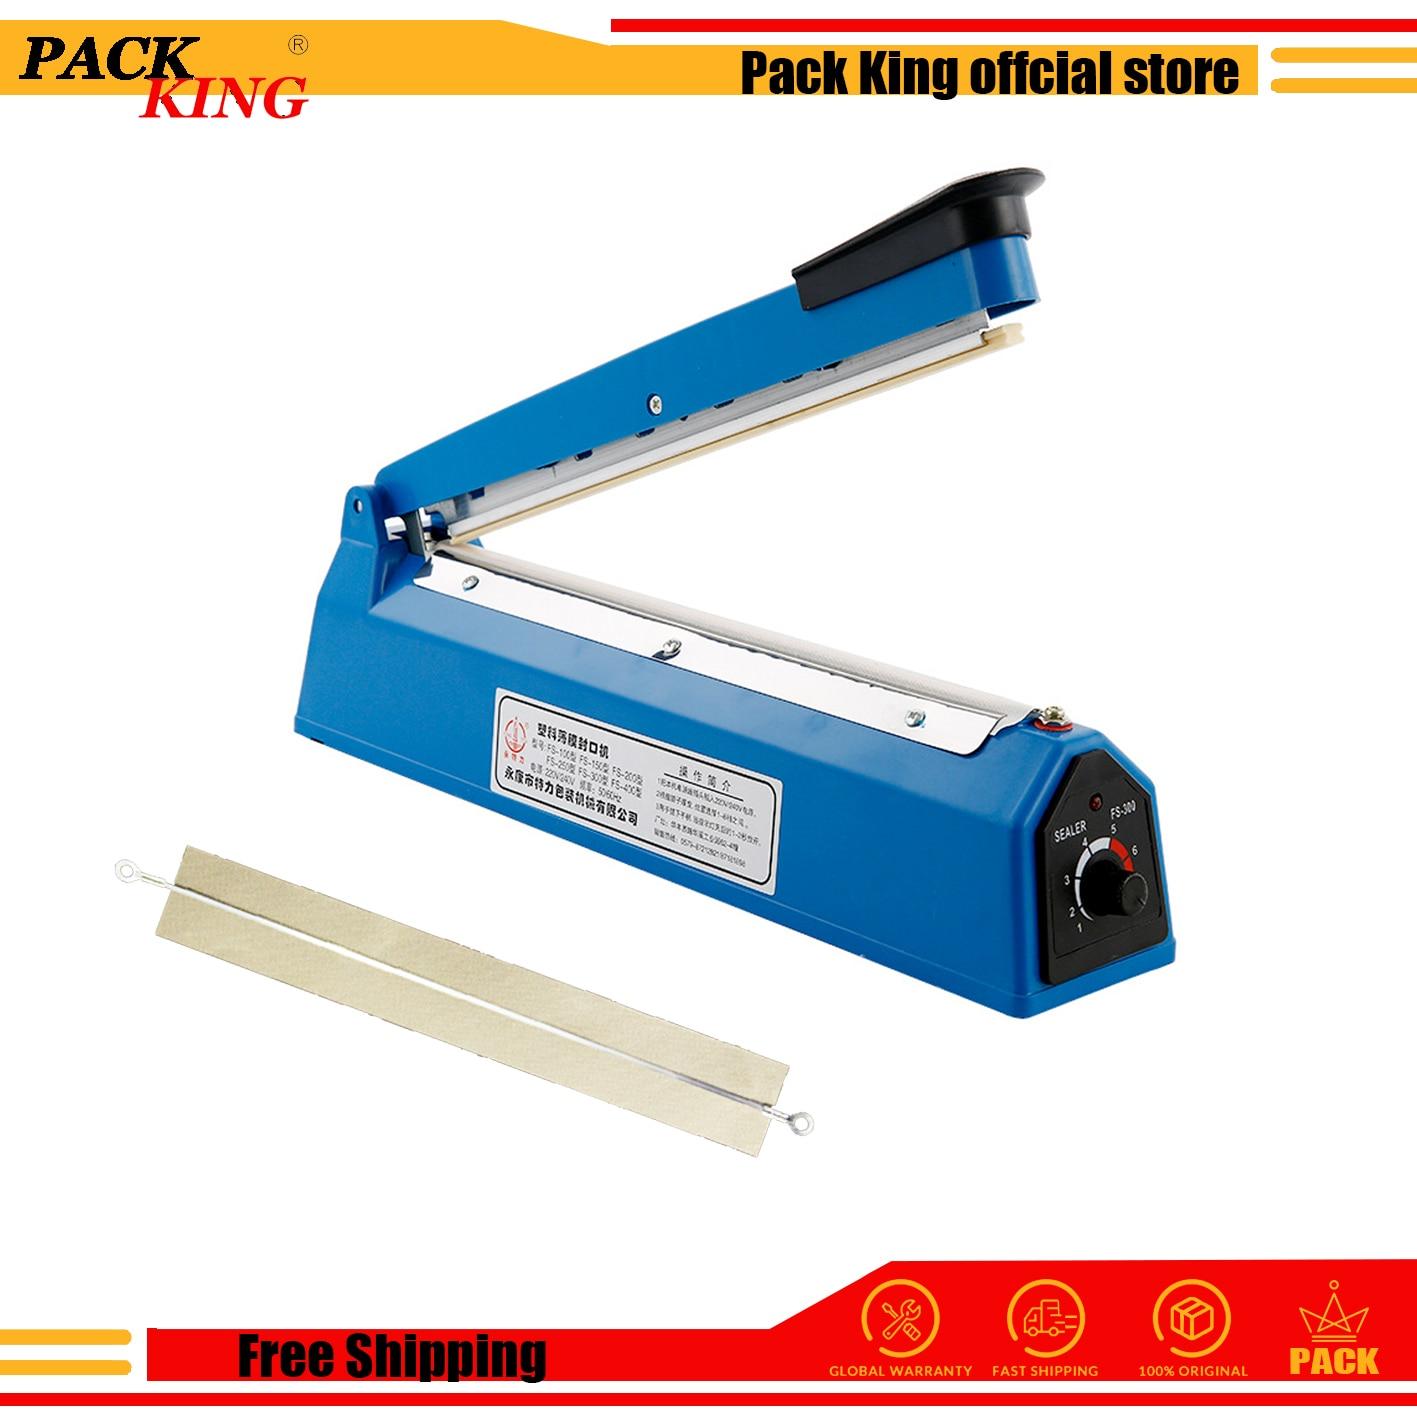 Impulse Sealer Heat Sealing Machine 200mm/300mm Kitchen Food Sealer Vacuum Bag Sealer Plastic Bag Packing Tools Free Shipping